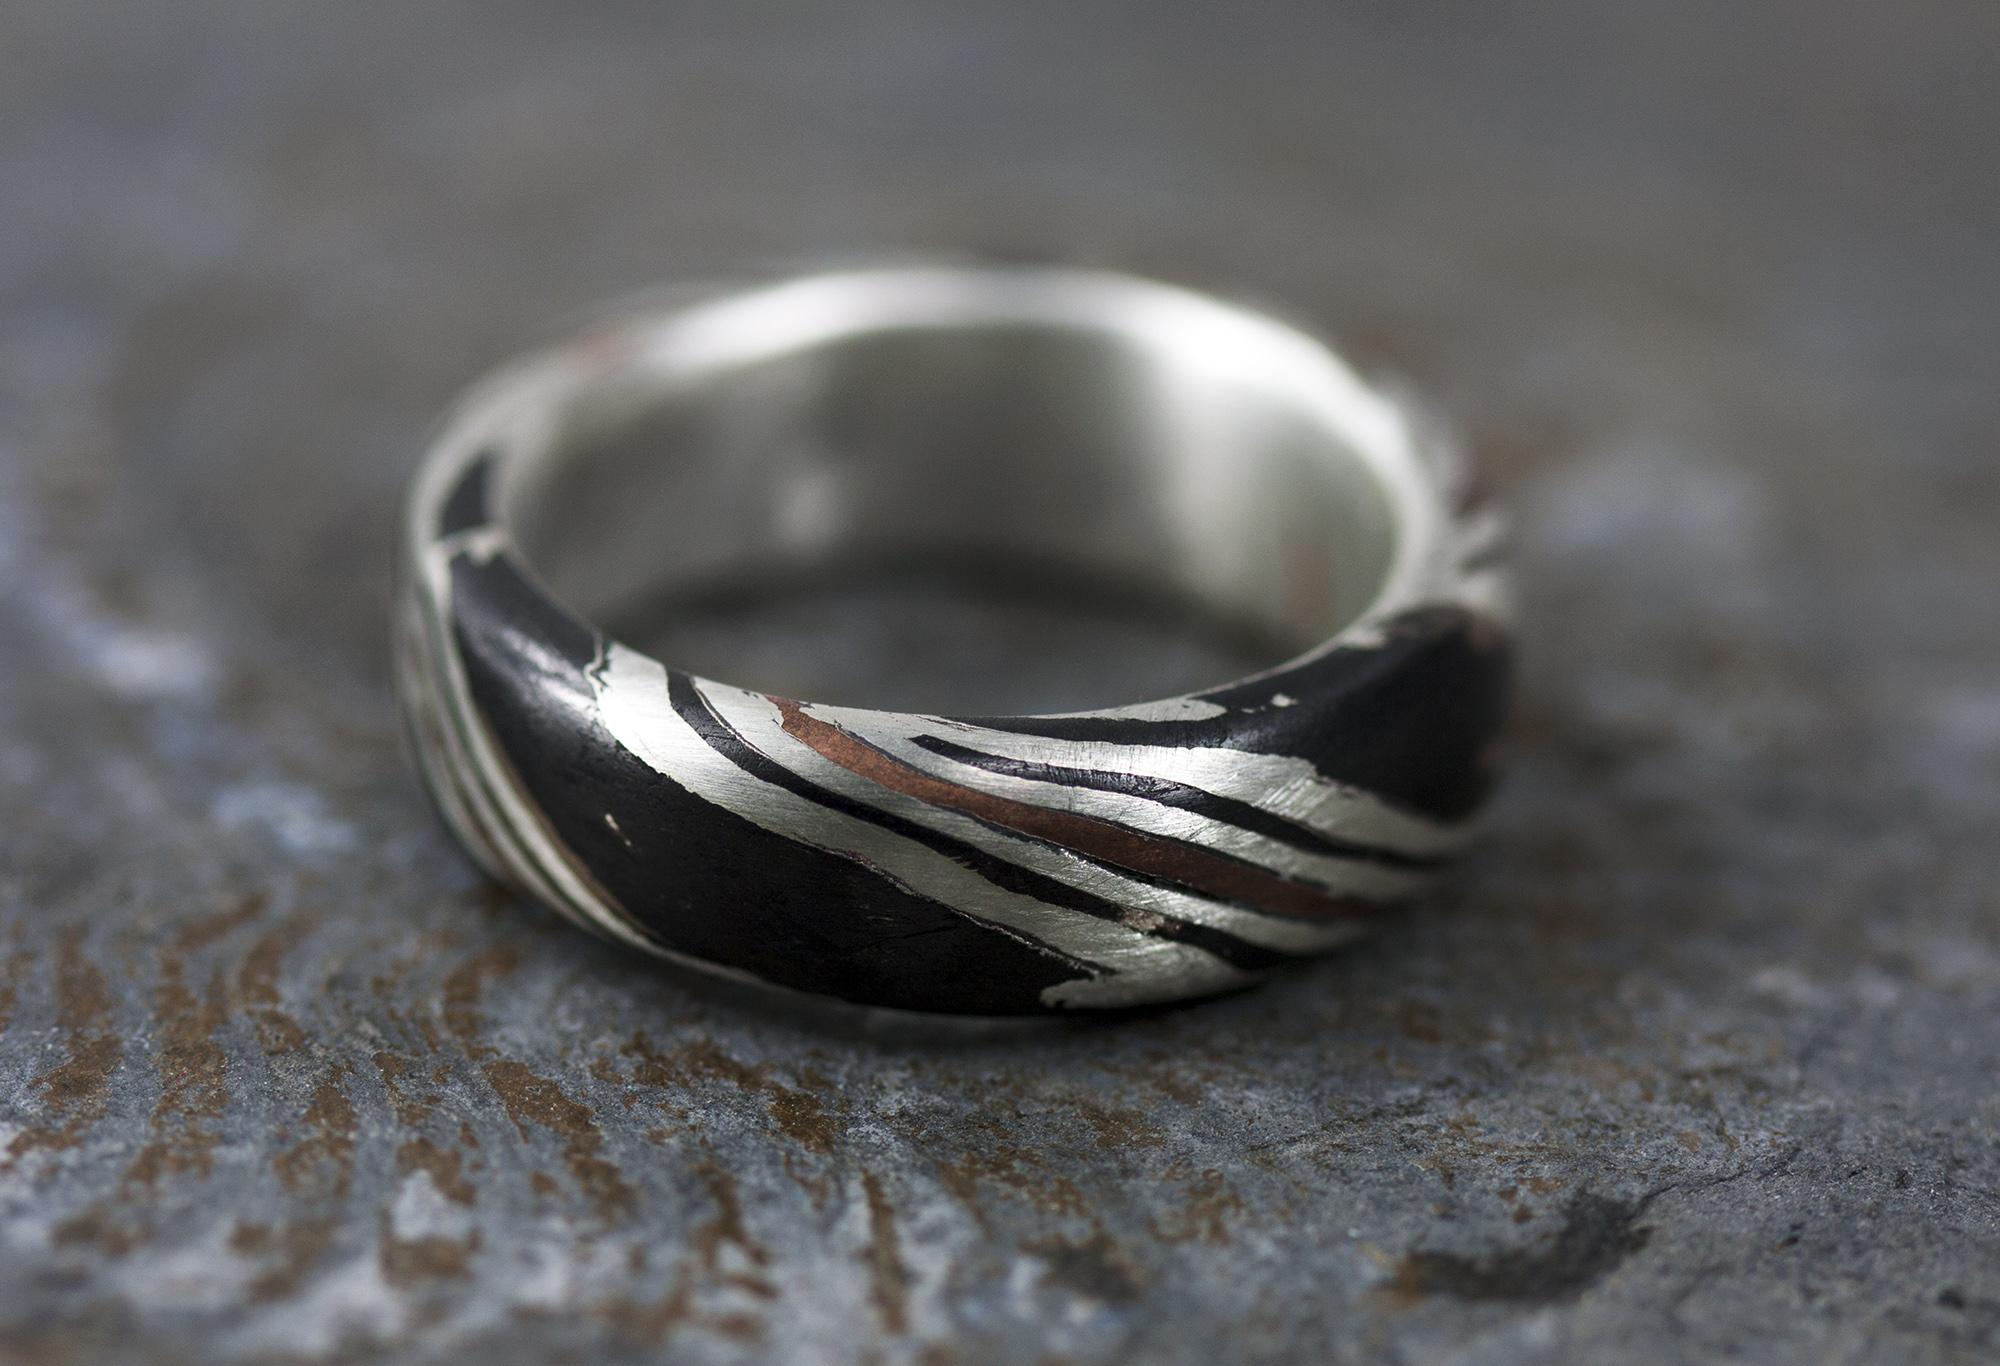 Silber-Shakudo-Kupfer4web